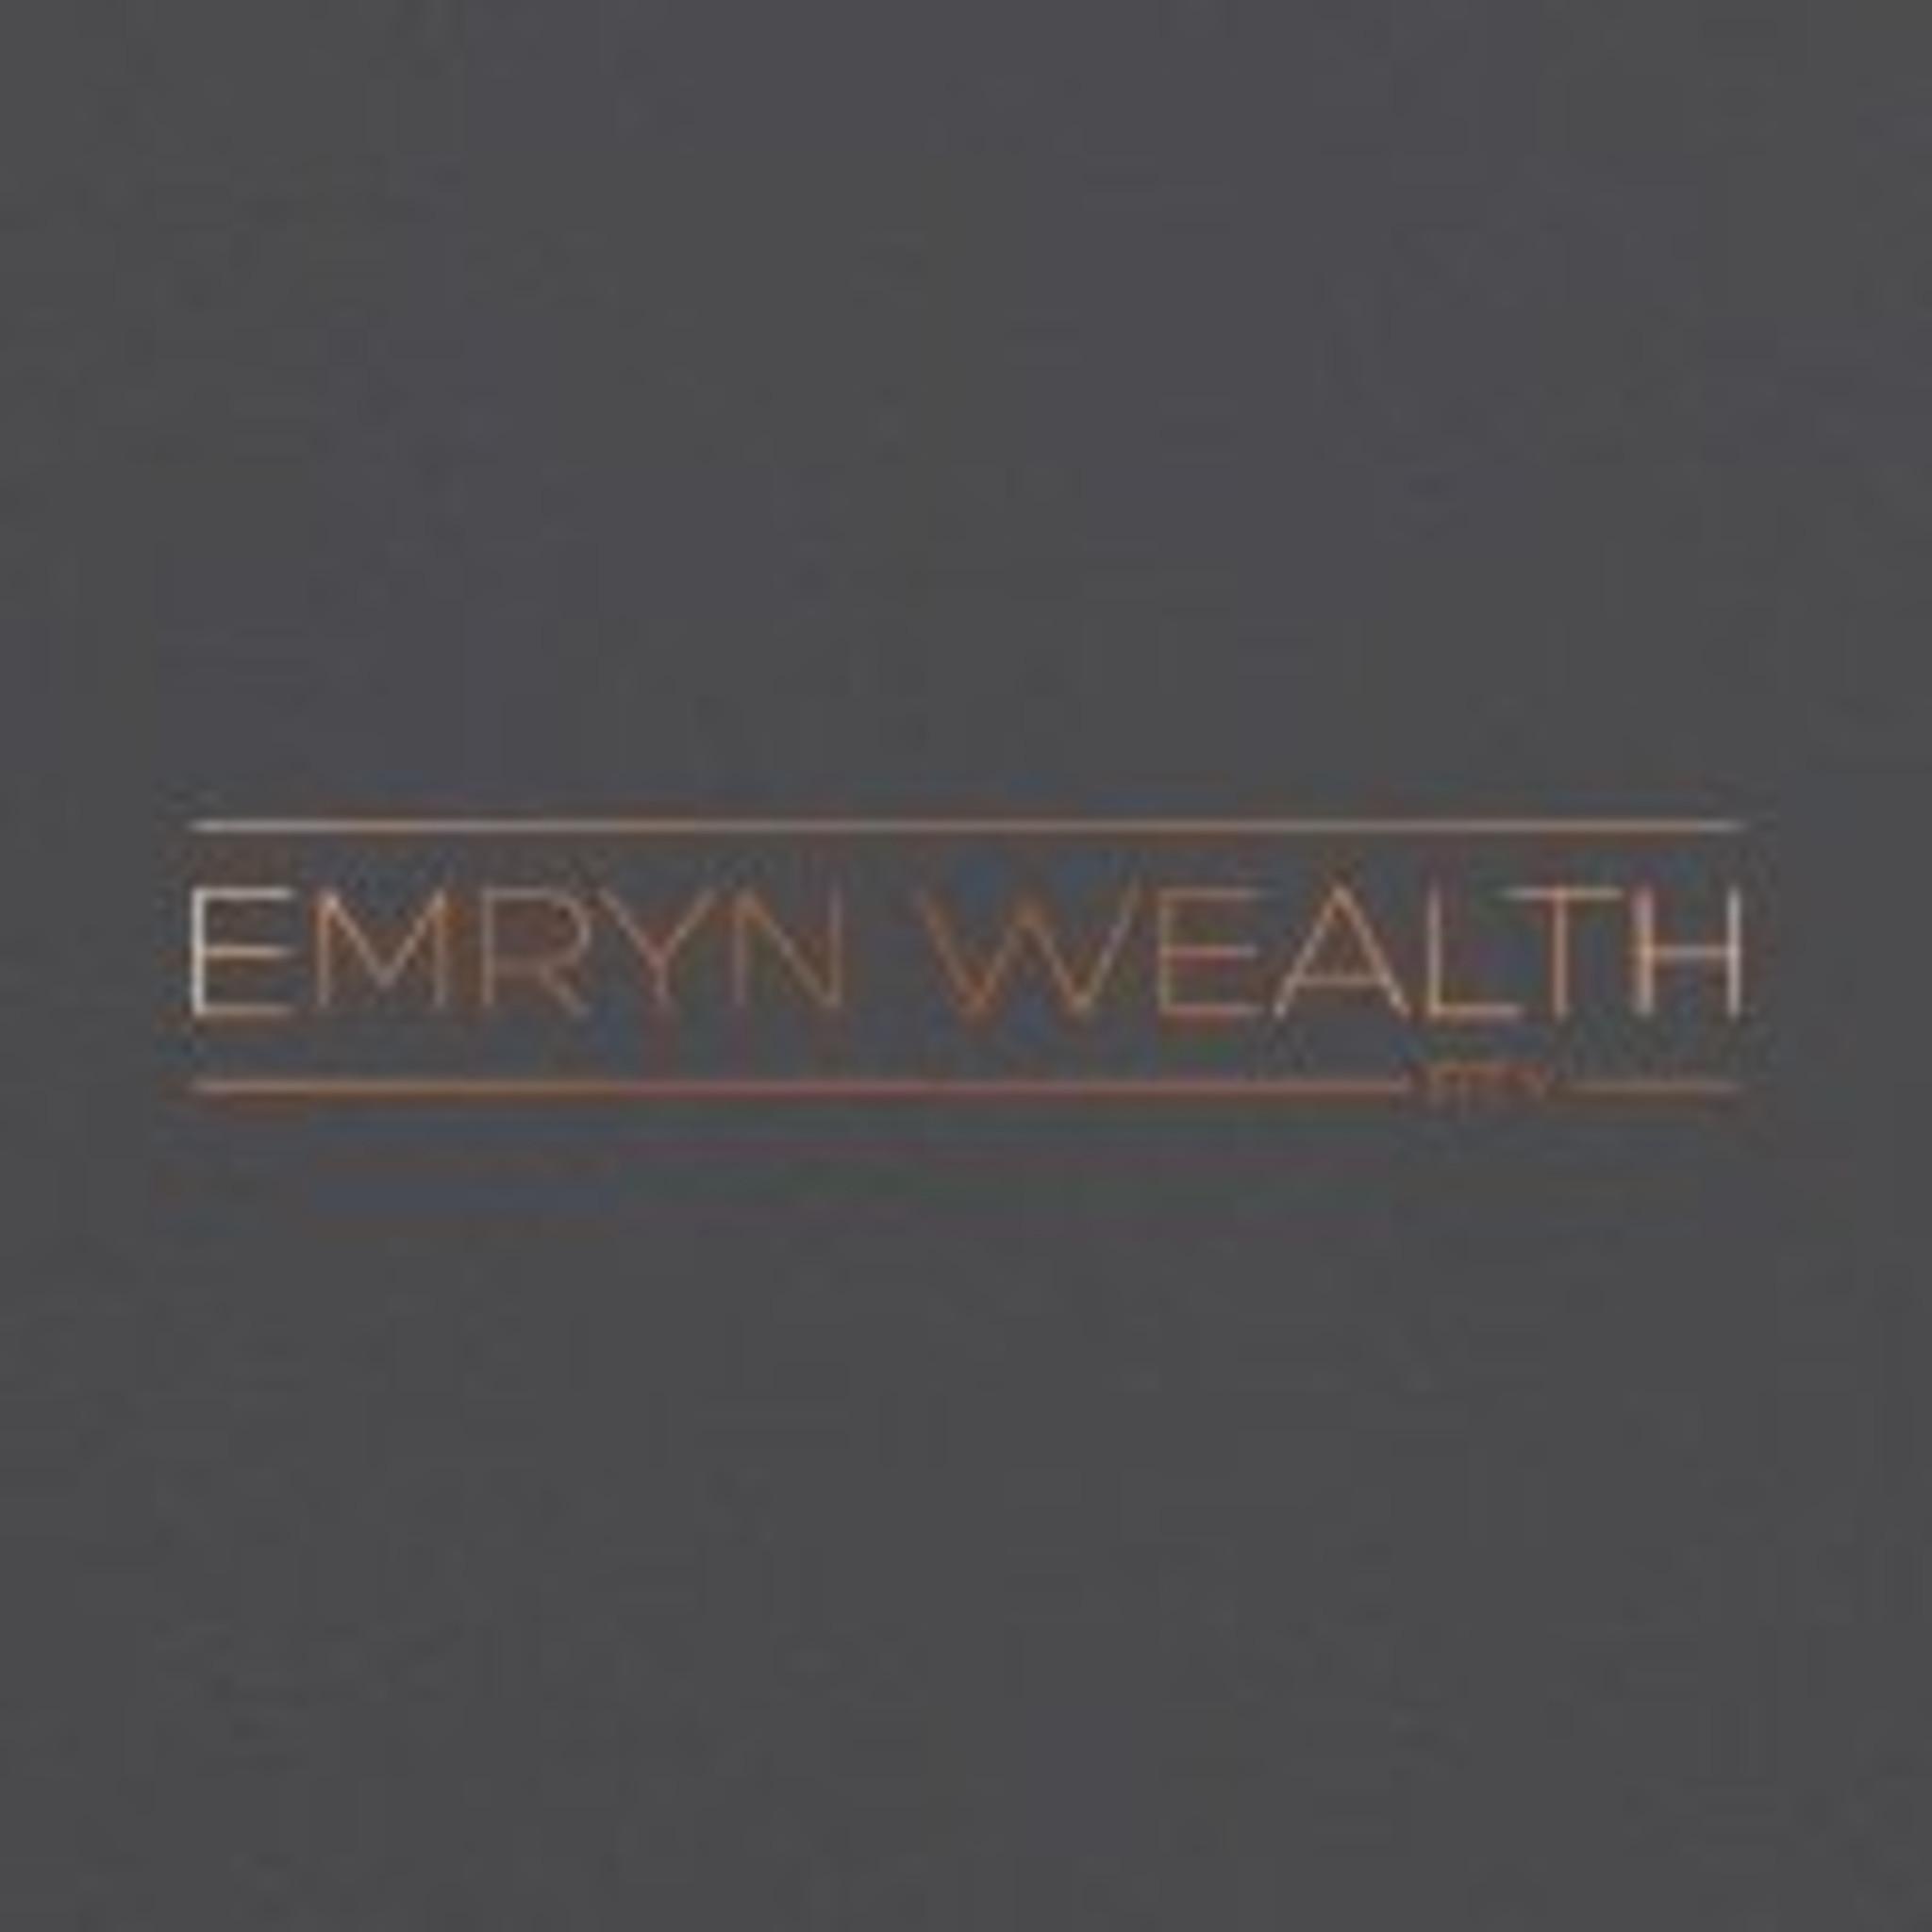 Financial wellness - Life insurance